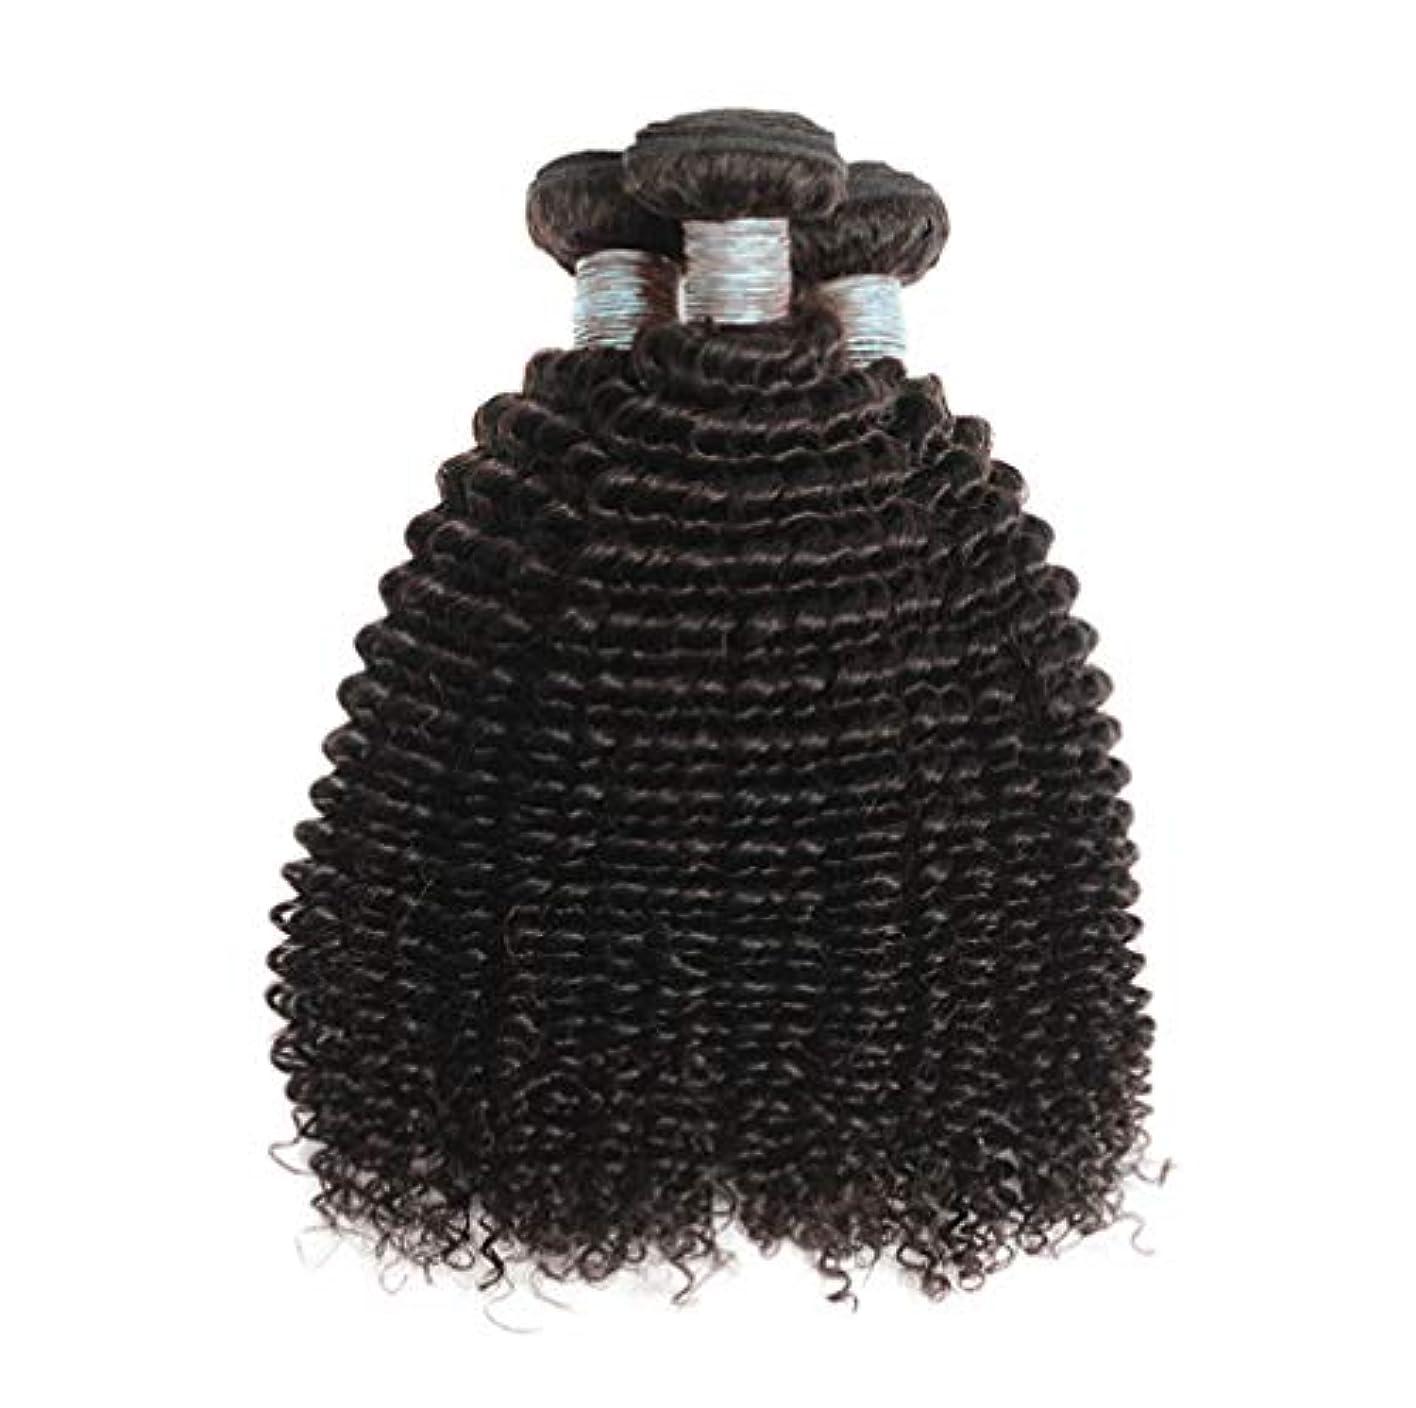 日曜日ラダささいな美しい8Aブラジルの髪の束ブラジルの巻き毛の束未処理のブラジルの人間の髪の束変態の巻き毛3束